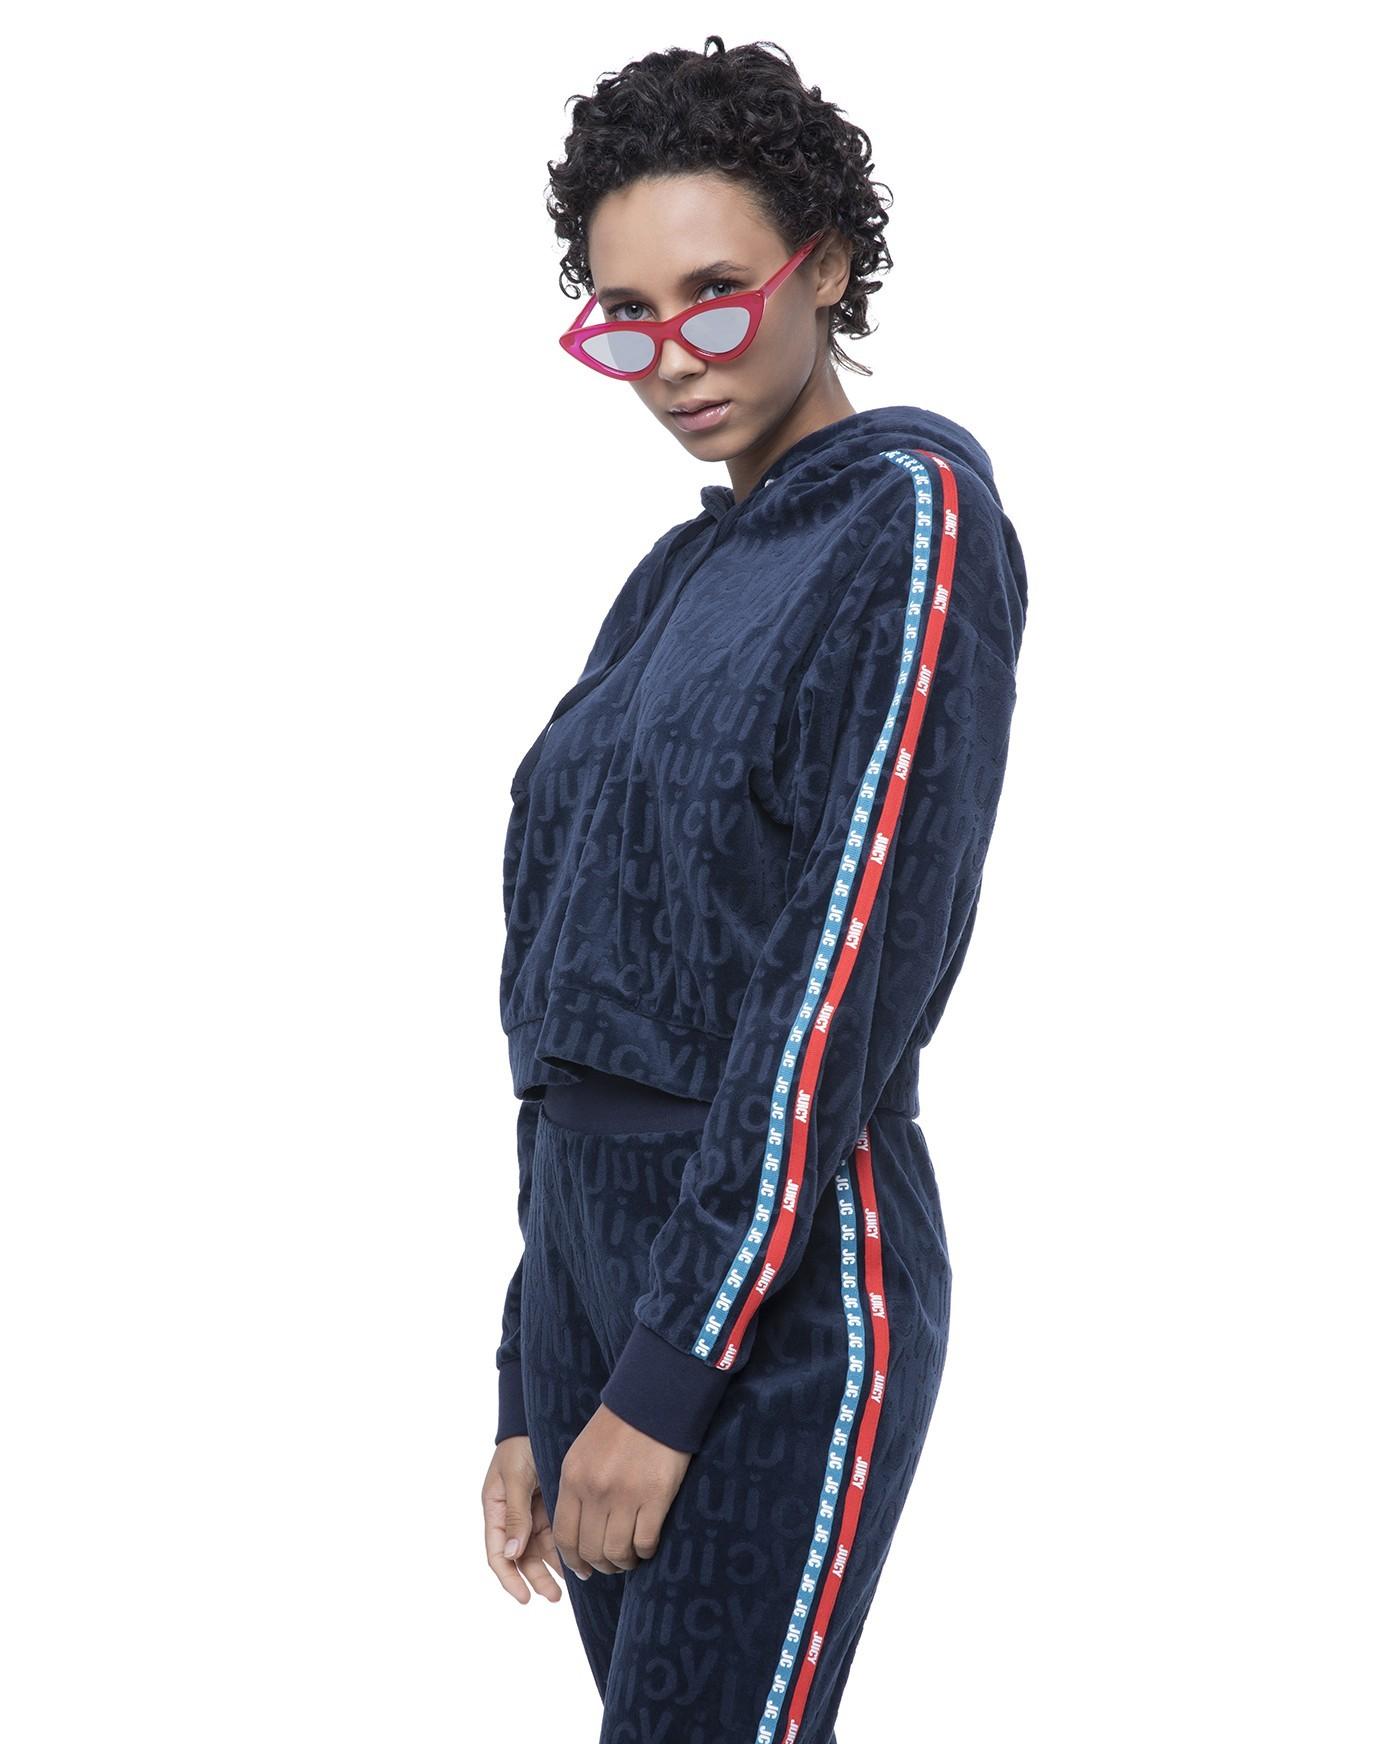 спортивный костюм женский модный 2018 2019: синий велюровый